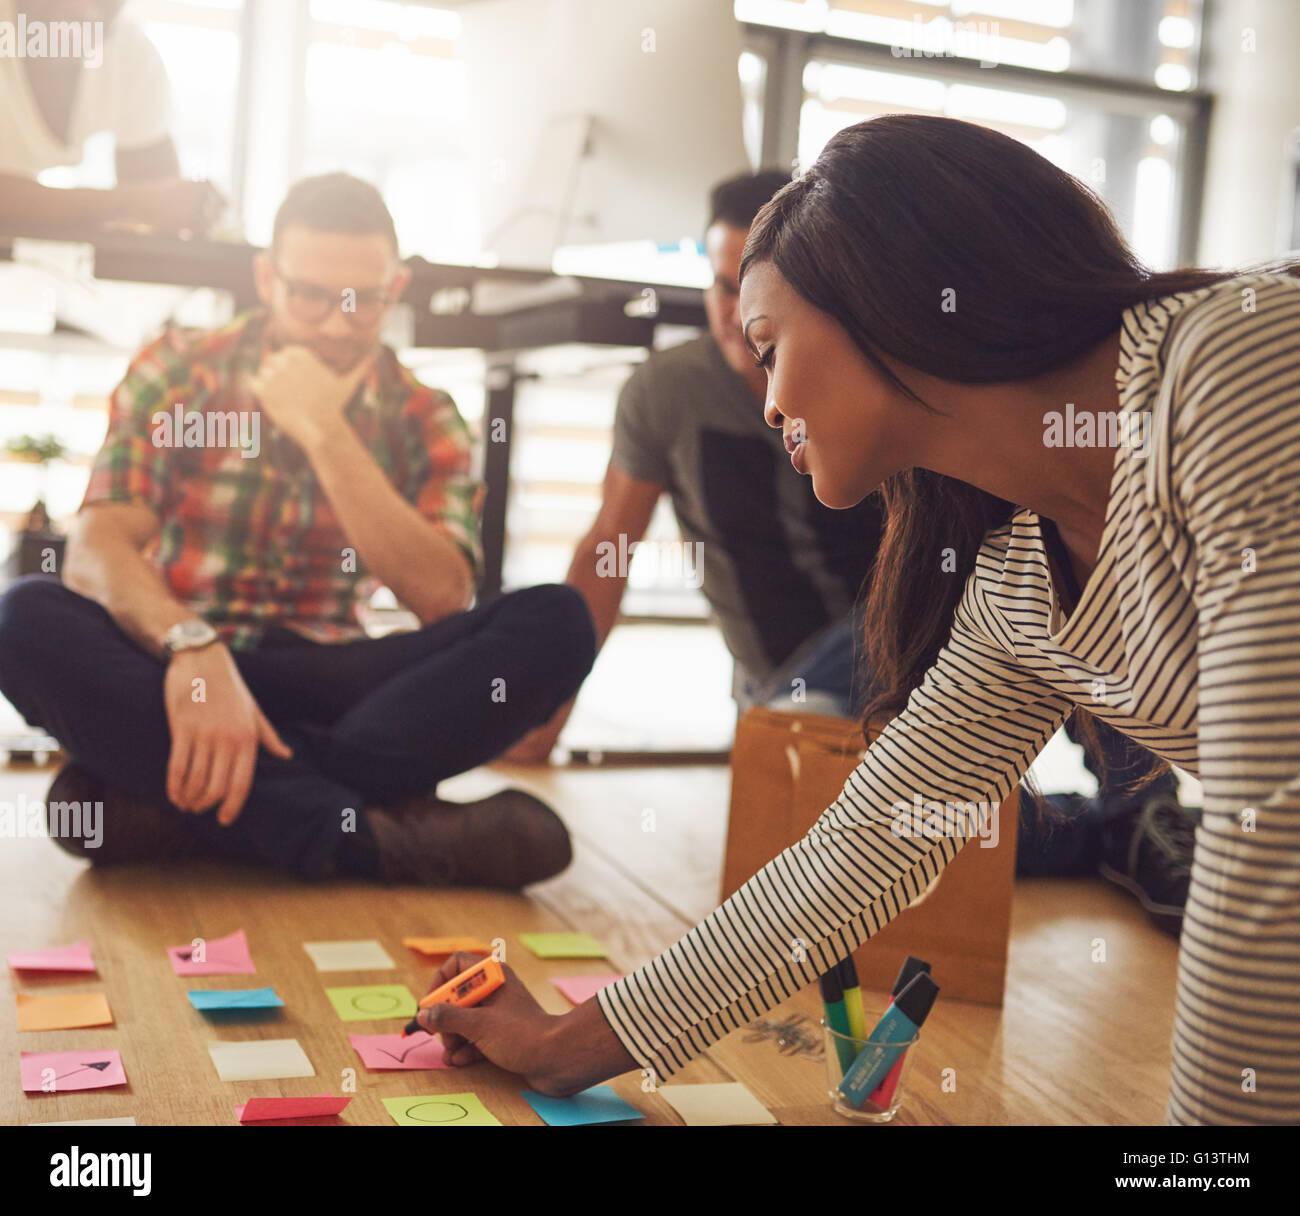 Femmina proprietario di affari la scrittura su varie note adesive per i lavoratori sul pavimento in un ufficio di Immagini Stock